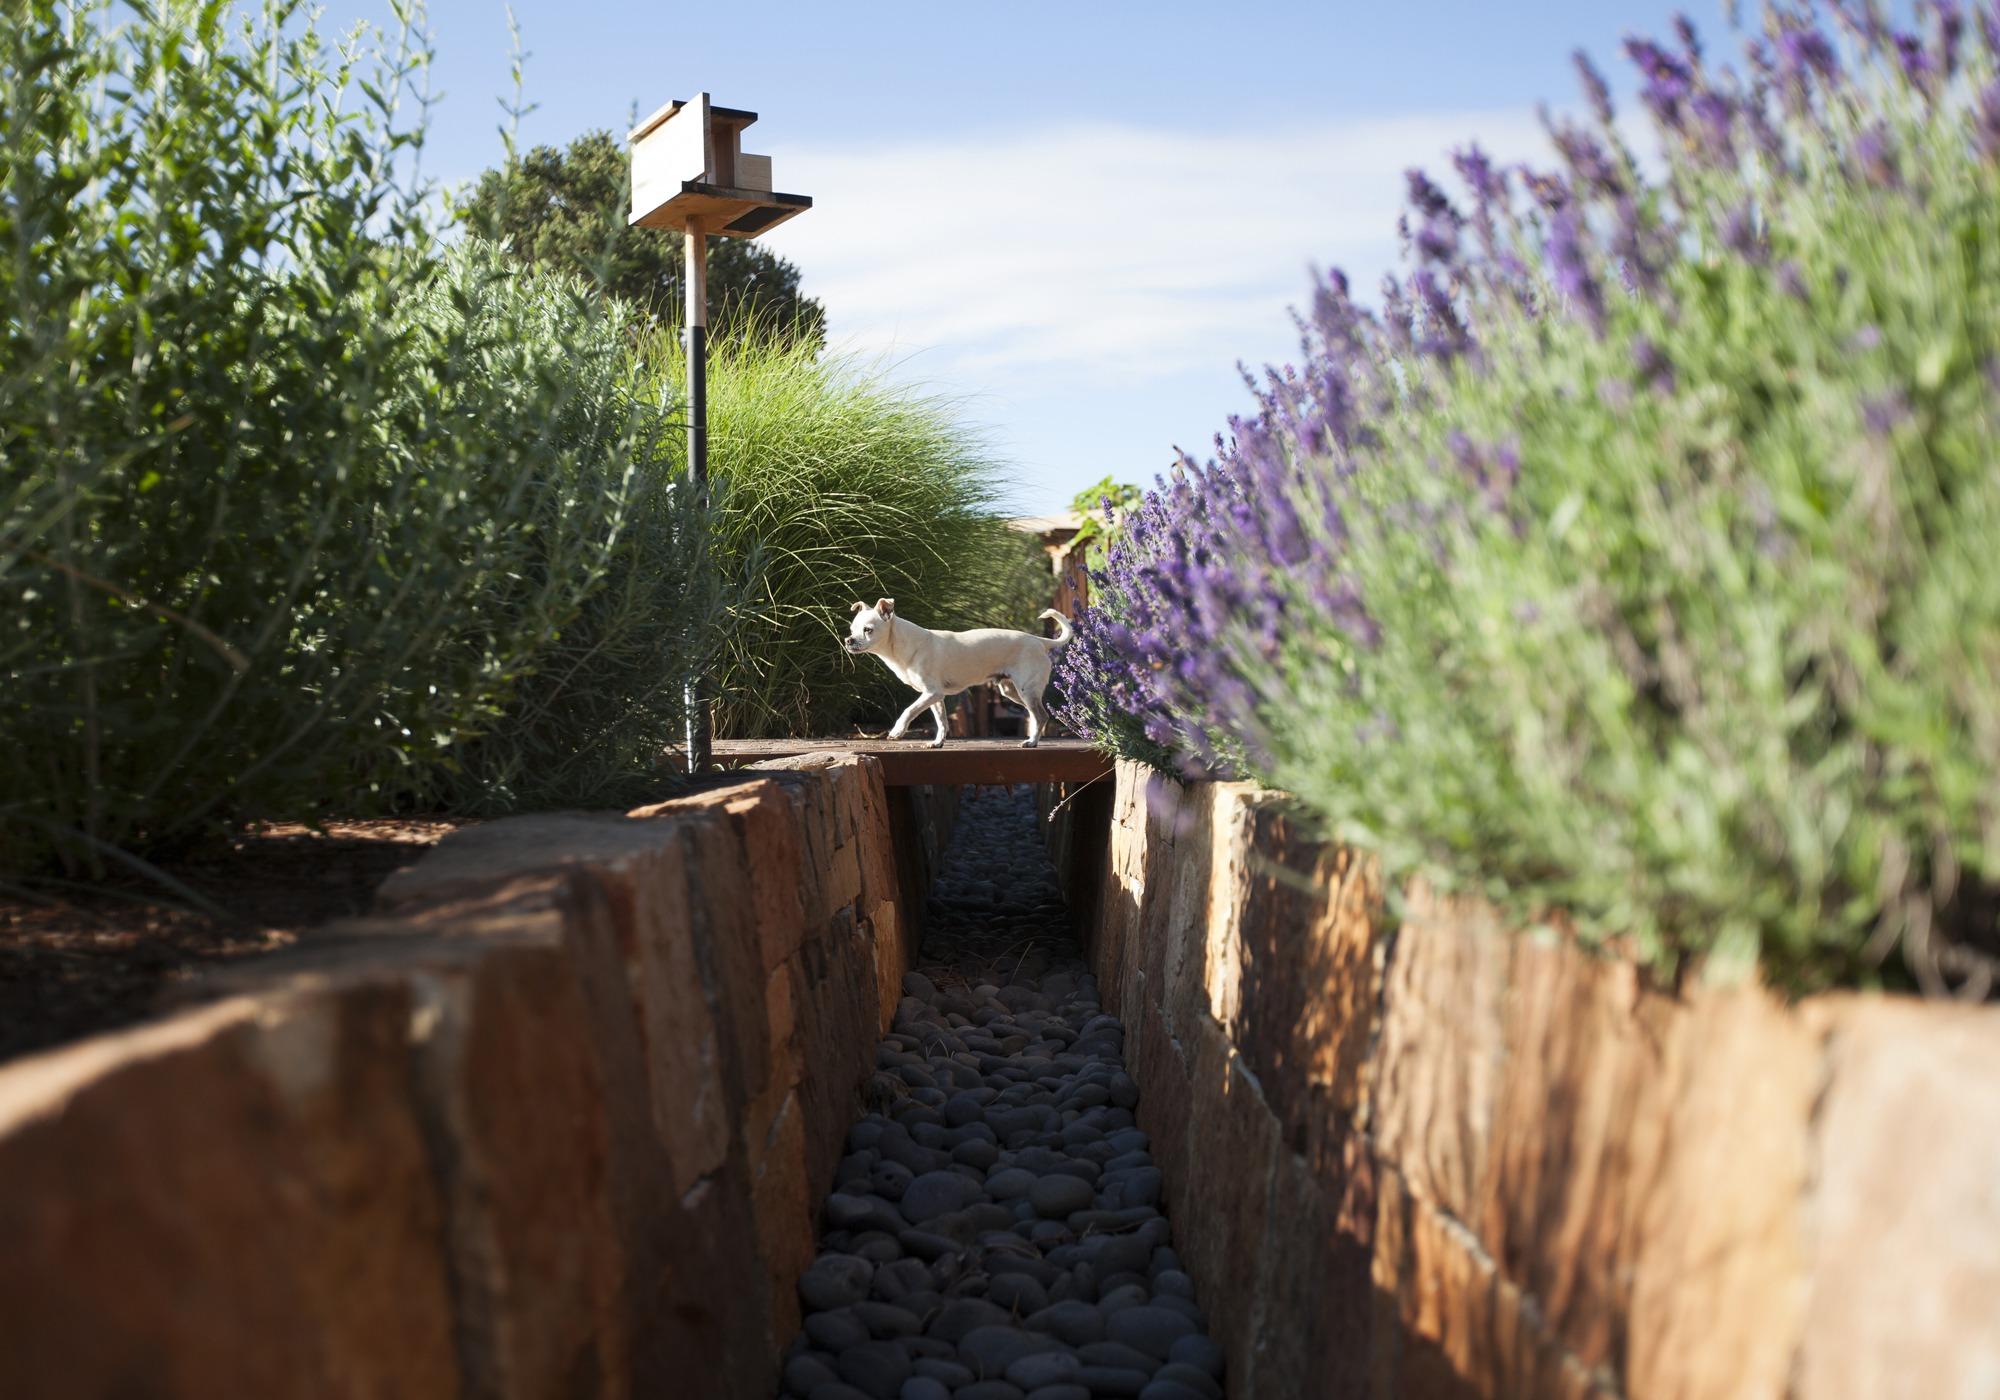 Santa Fe Garden Design